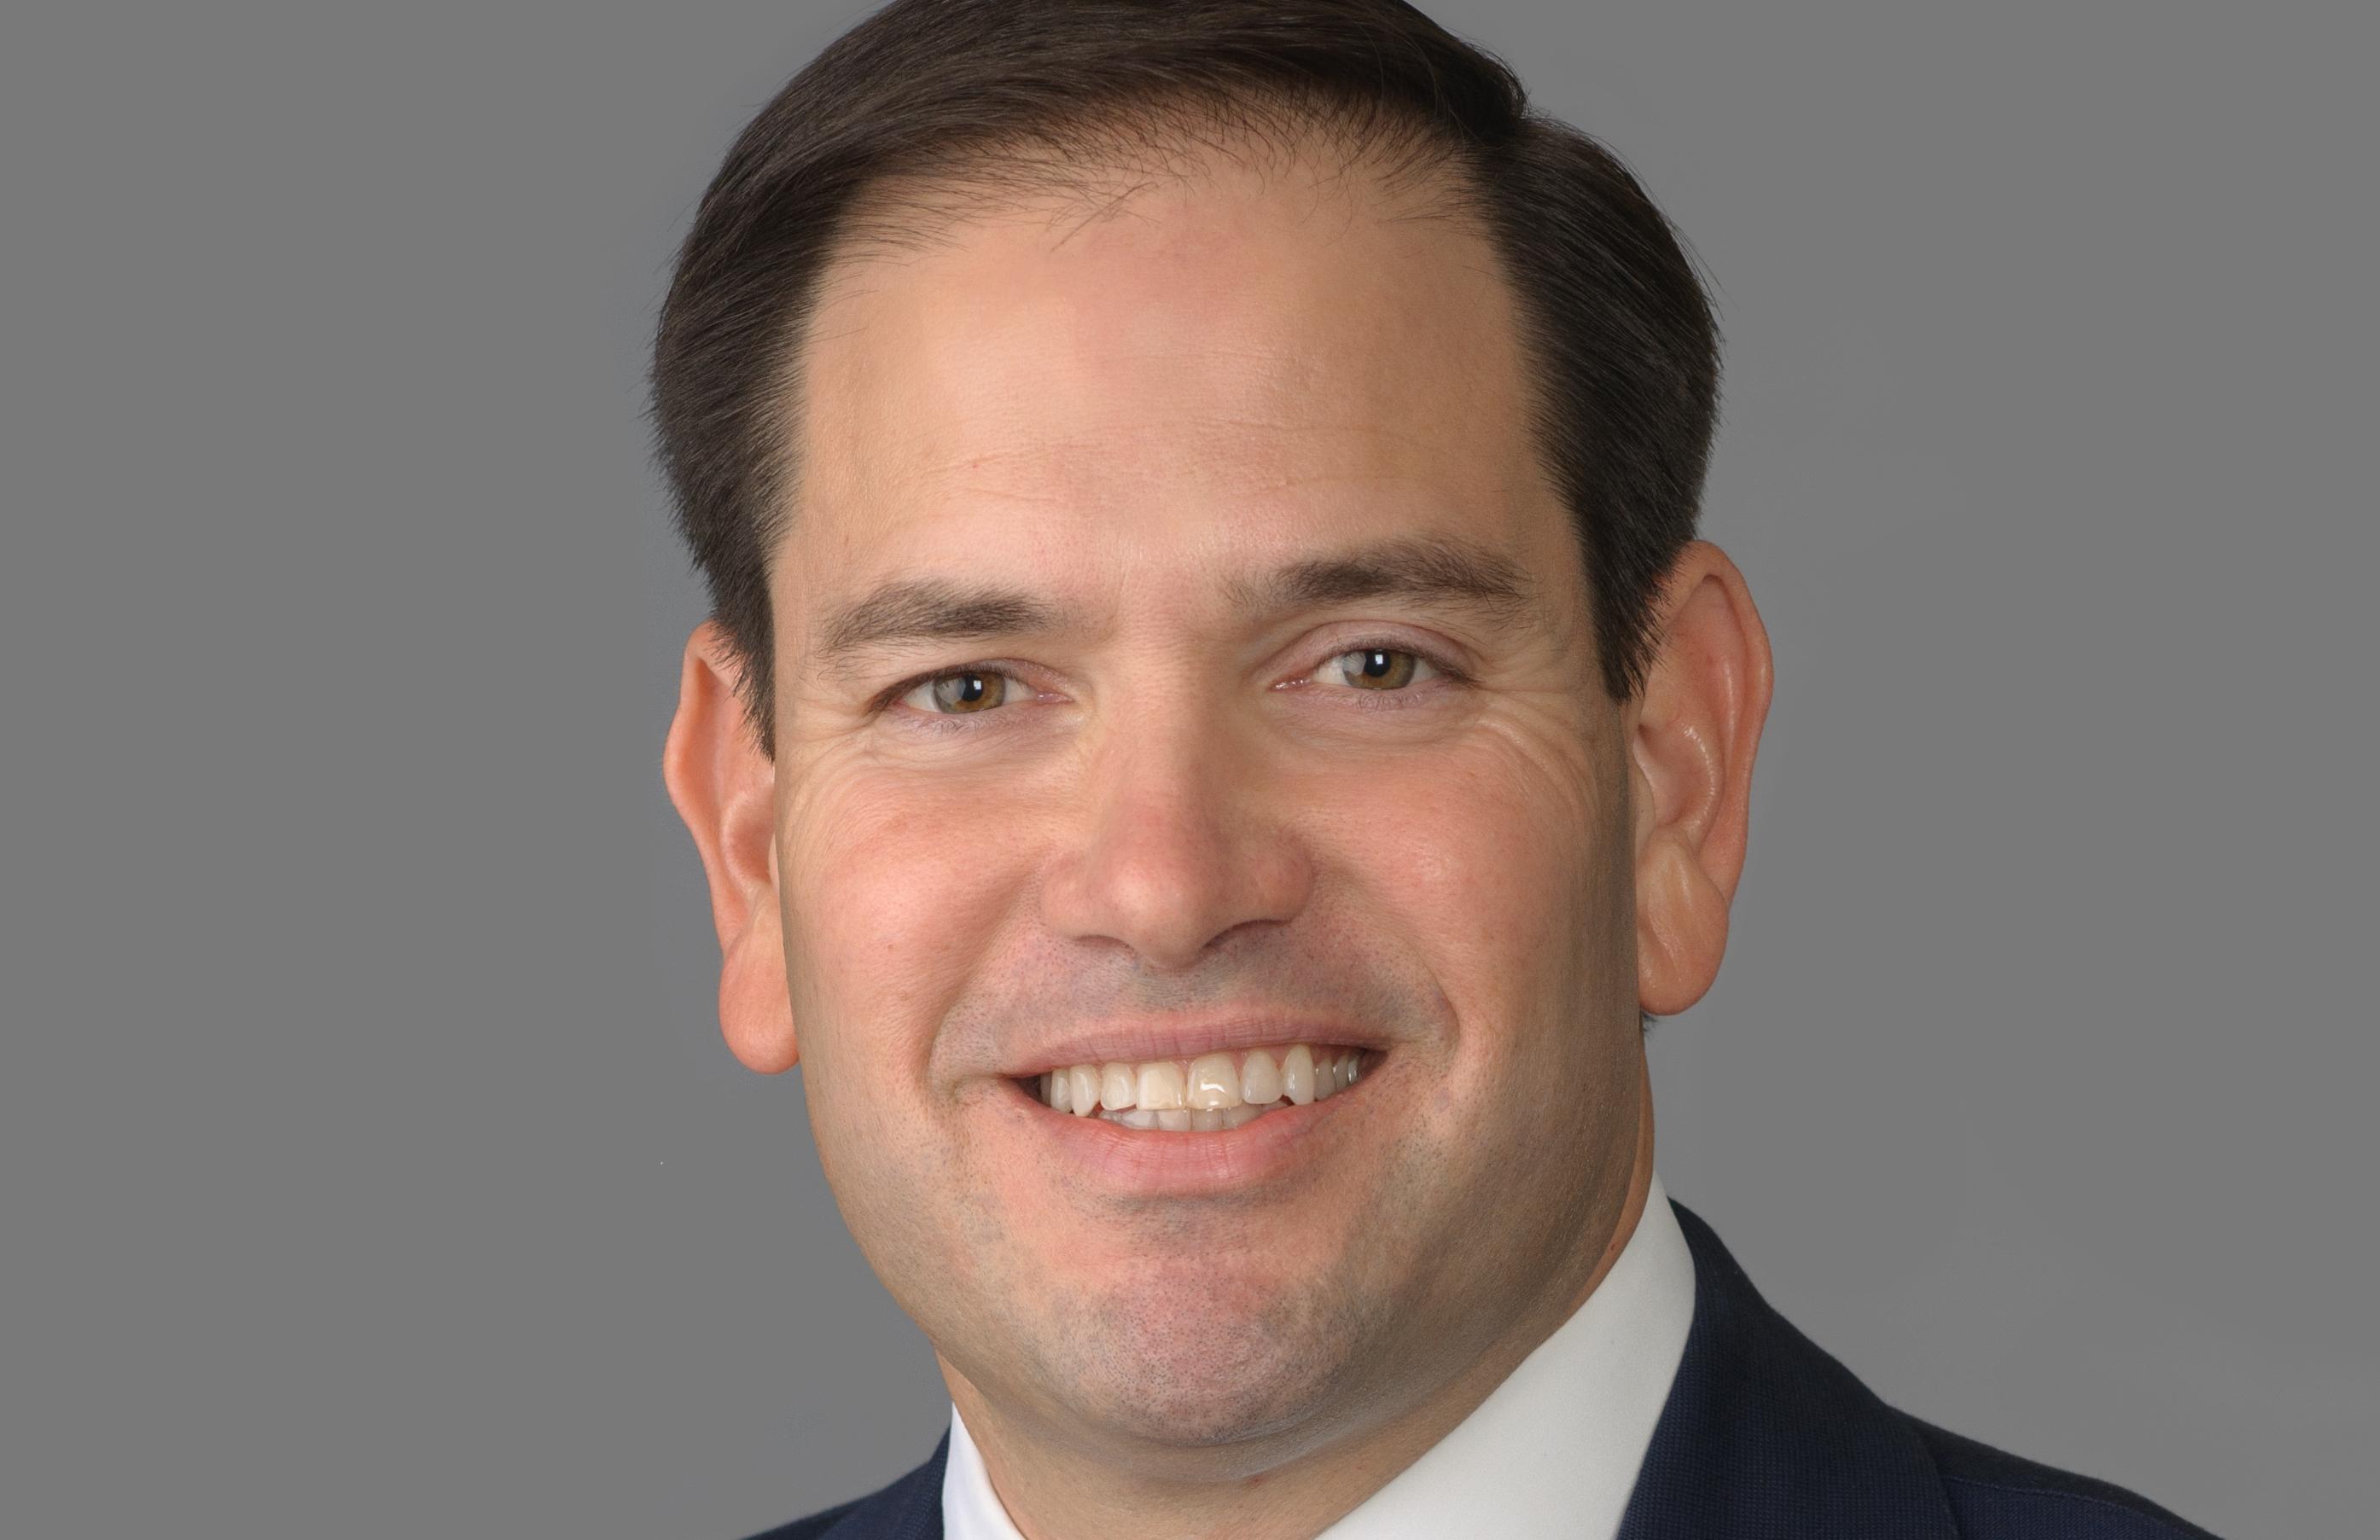 Sen Rubio